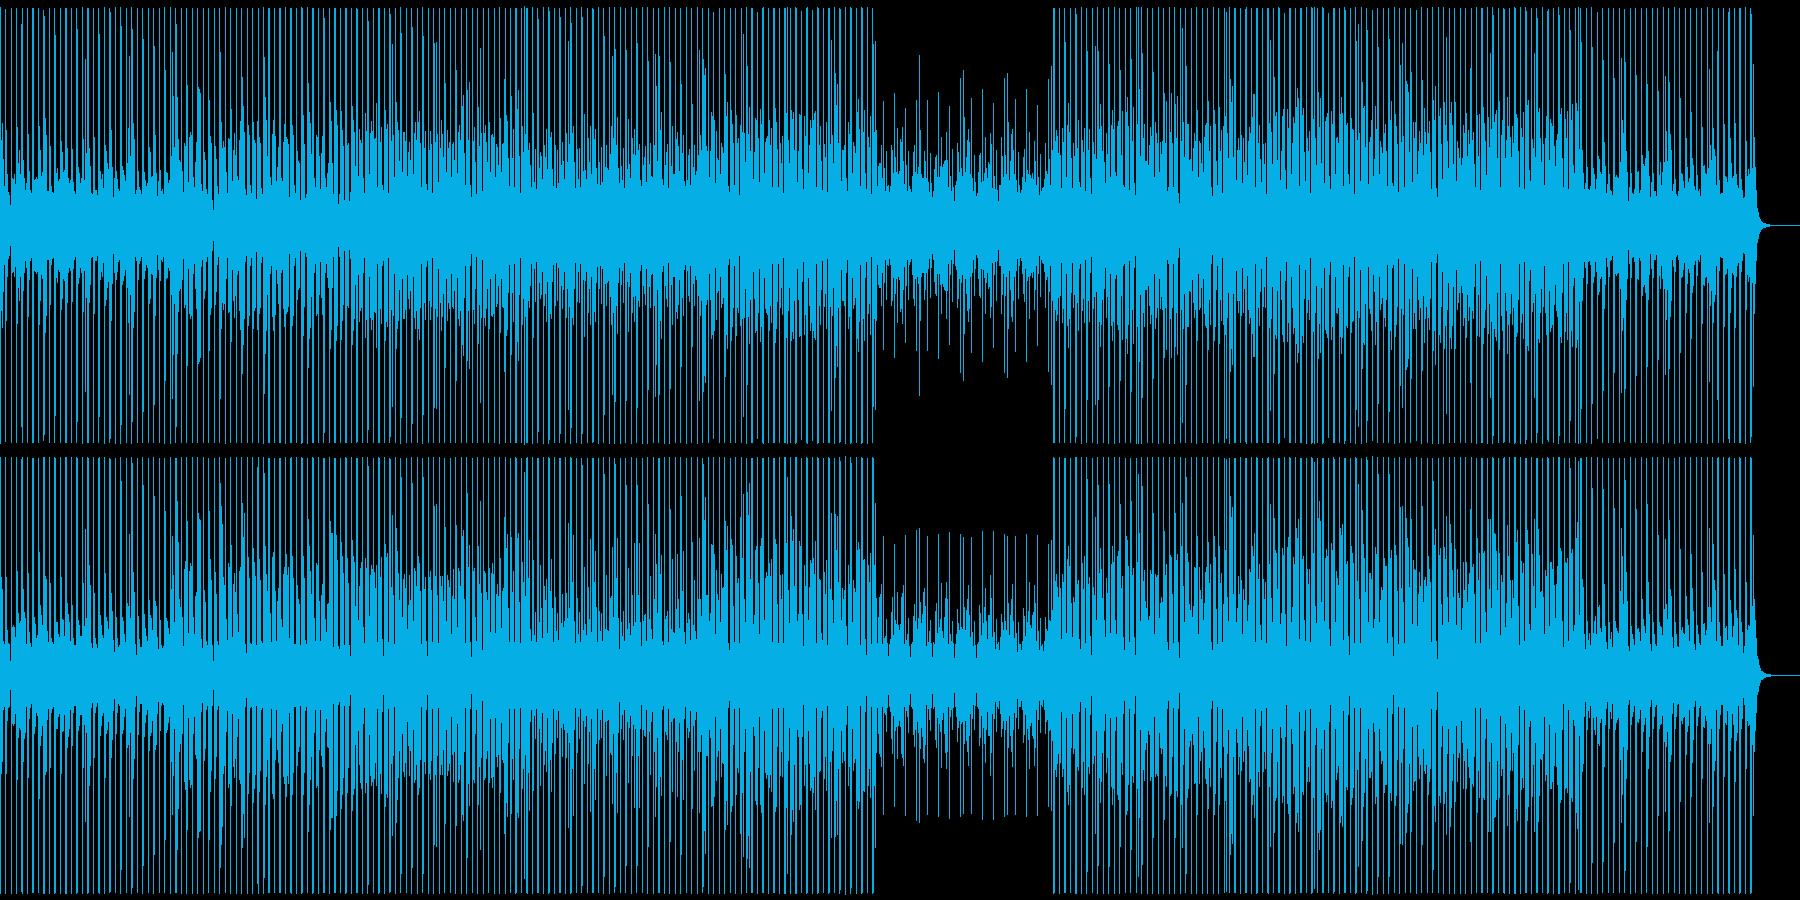 ハイテクなCMで使われそうなテクノの再生済みの波形